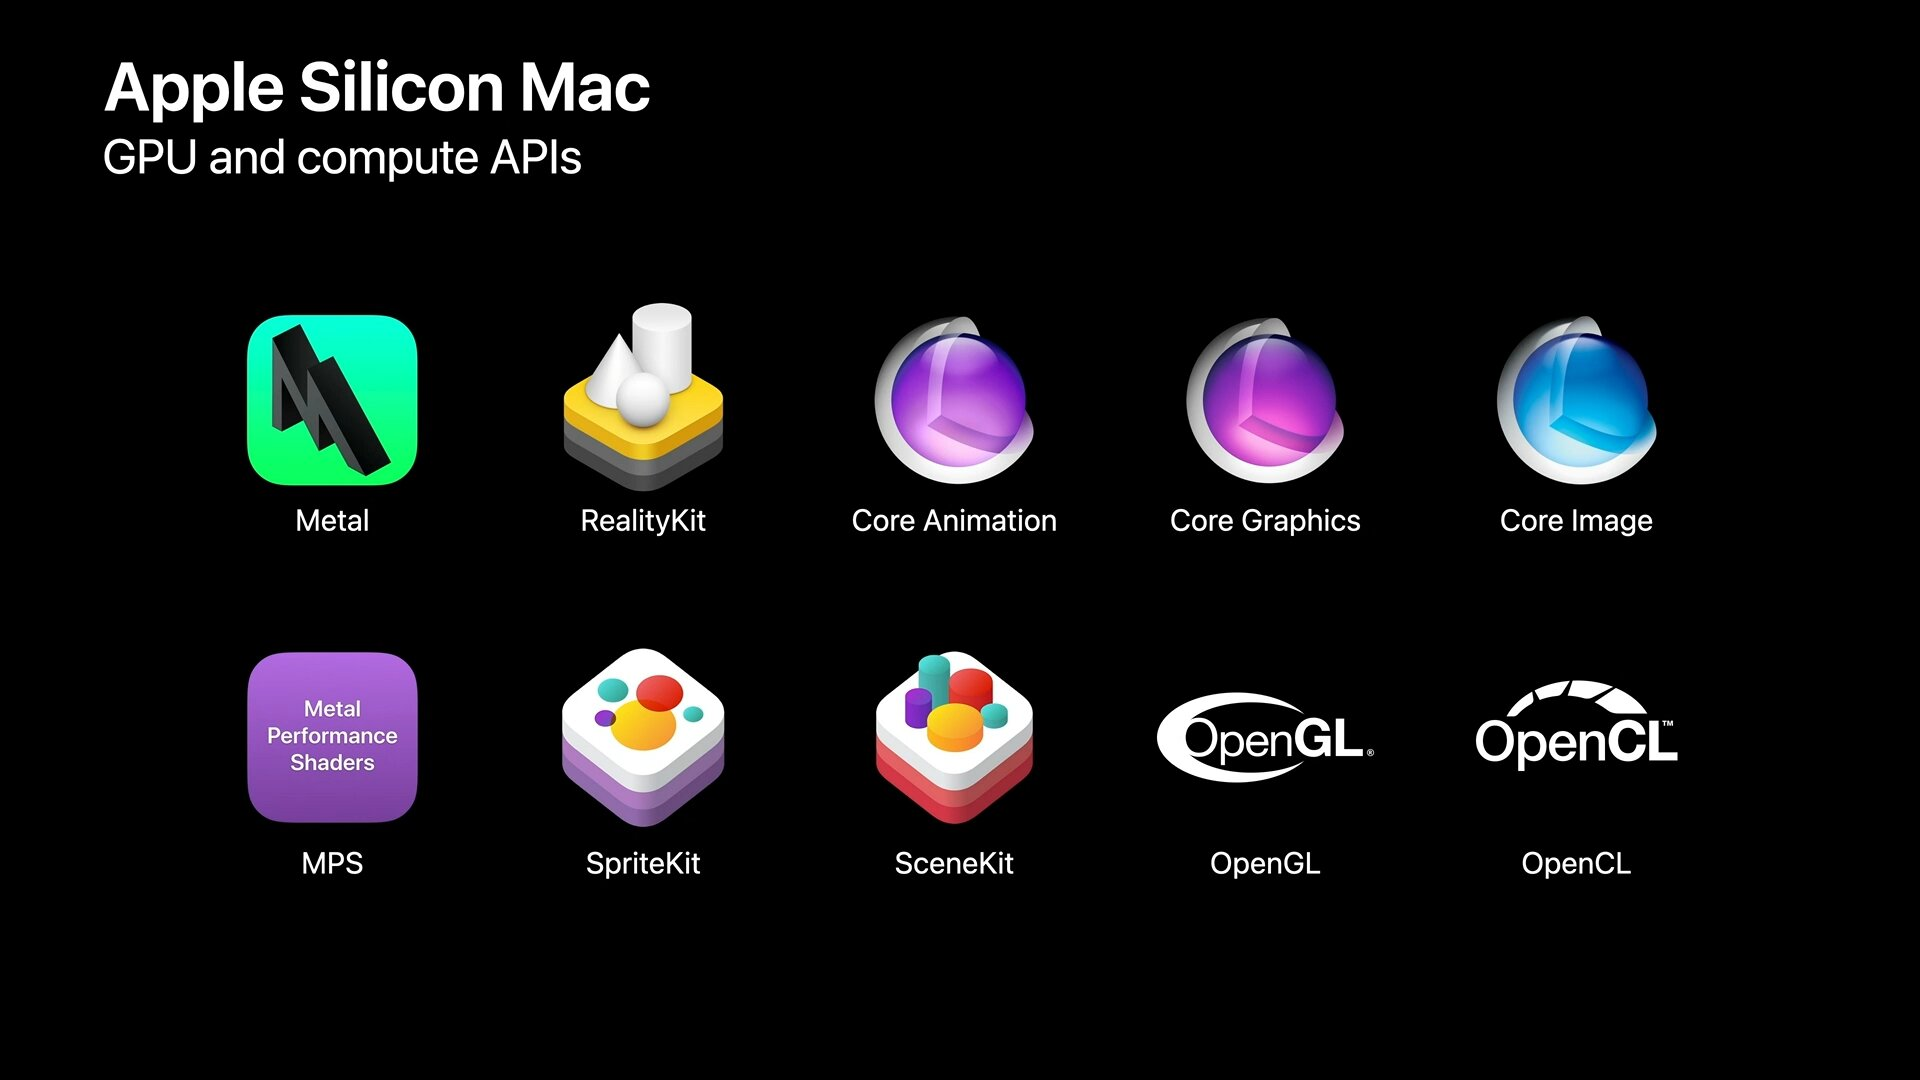 Von Apple-Silicon-GPUs unterstützte APIs